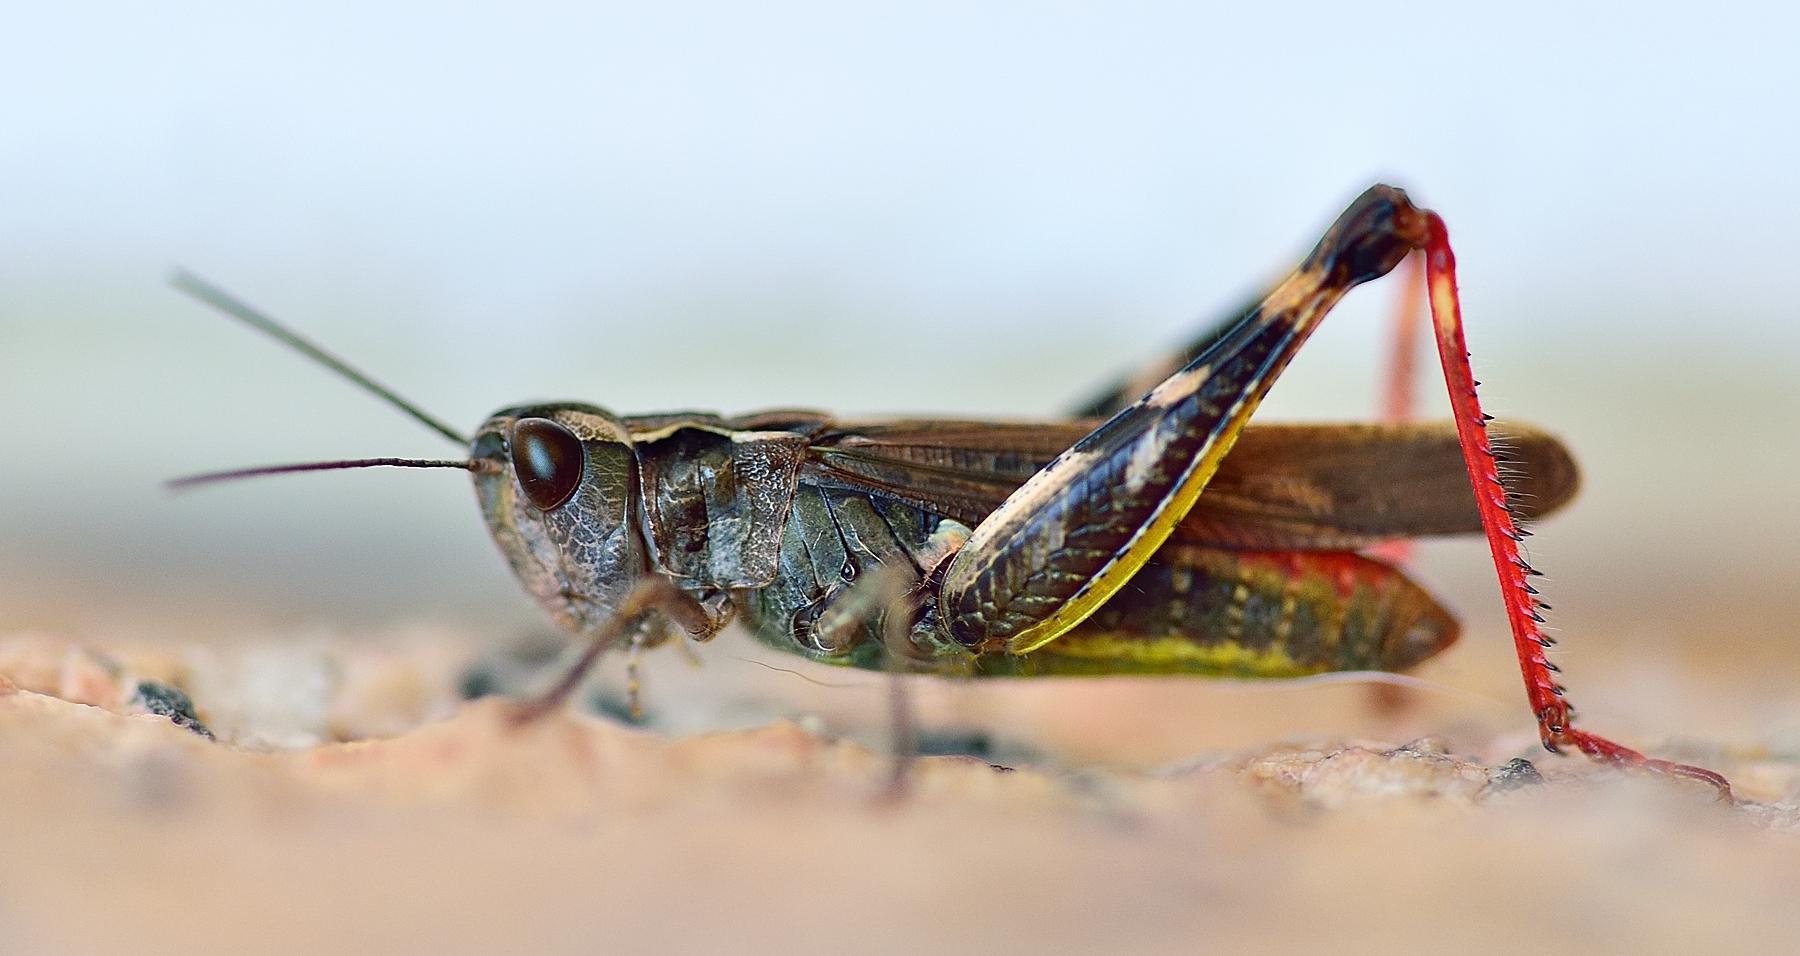 Insectos en macro - 1800x956